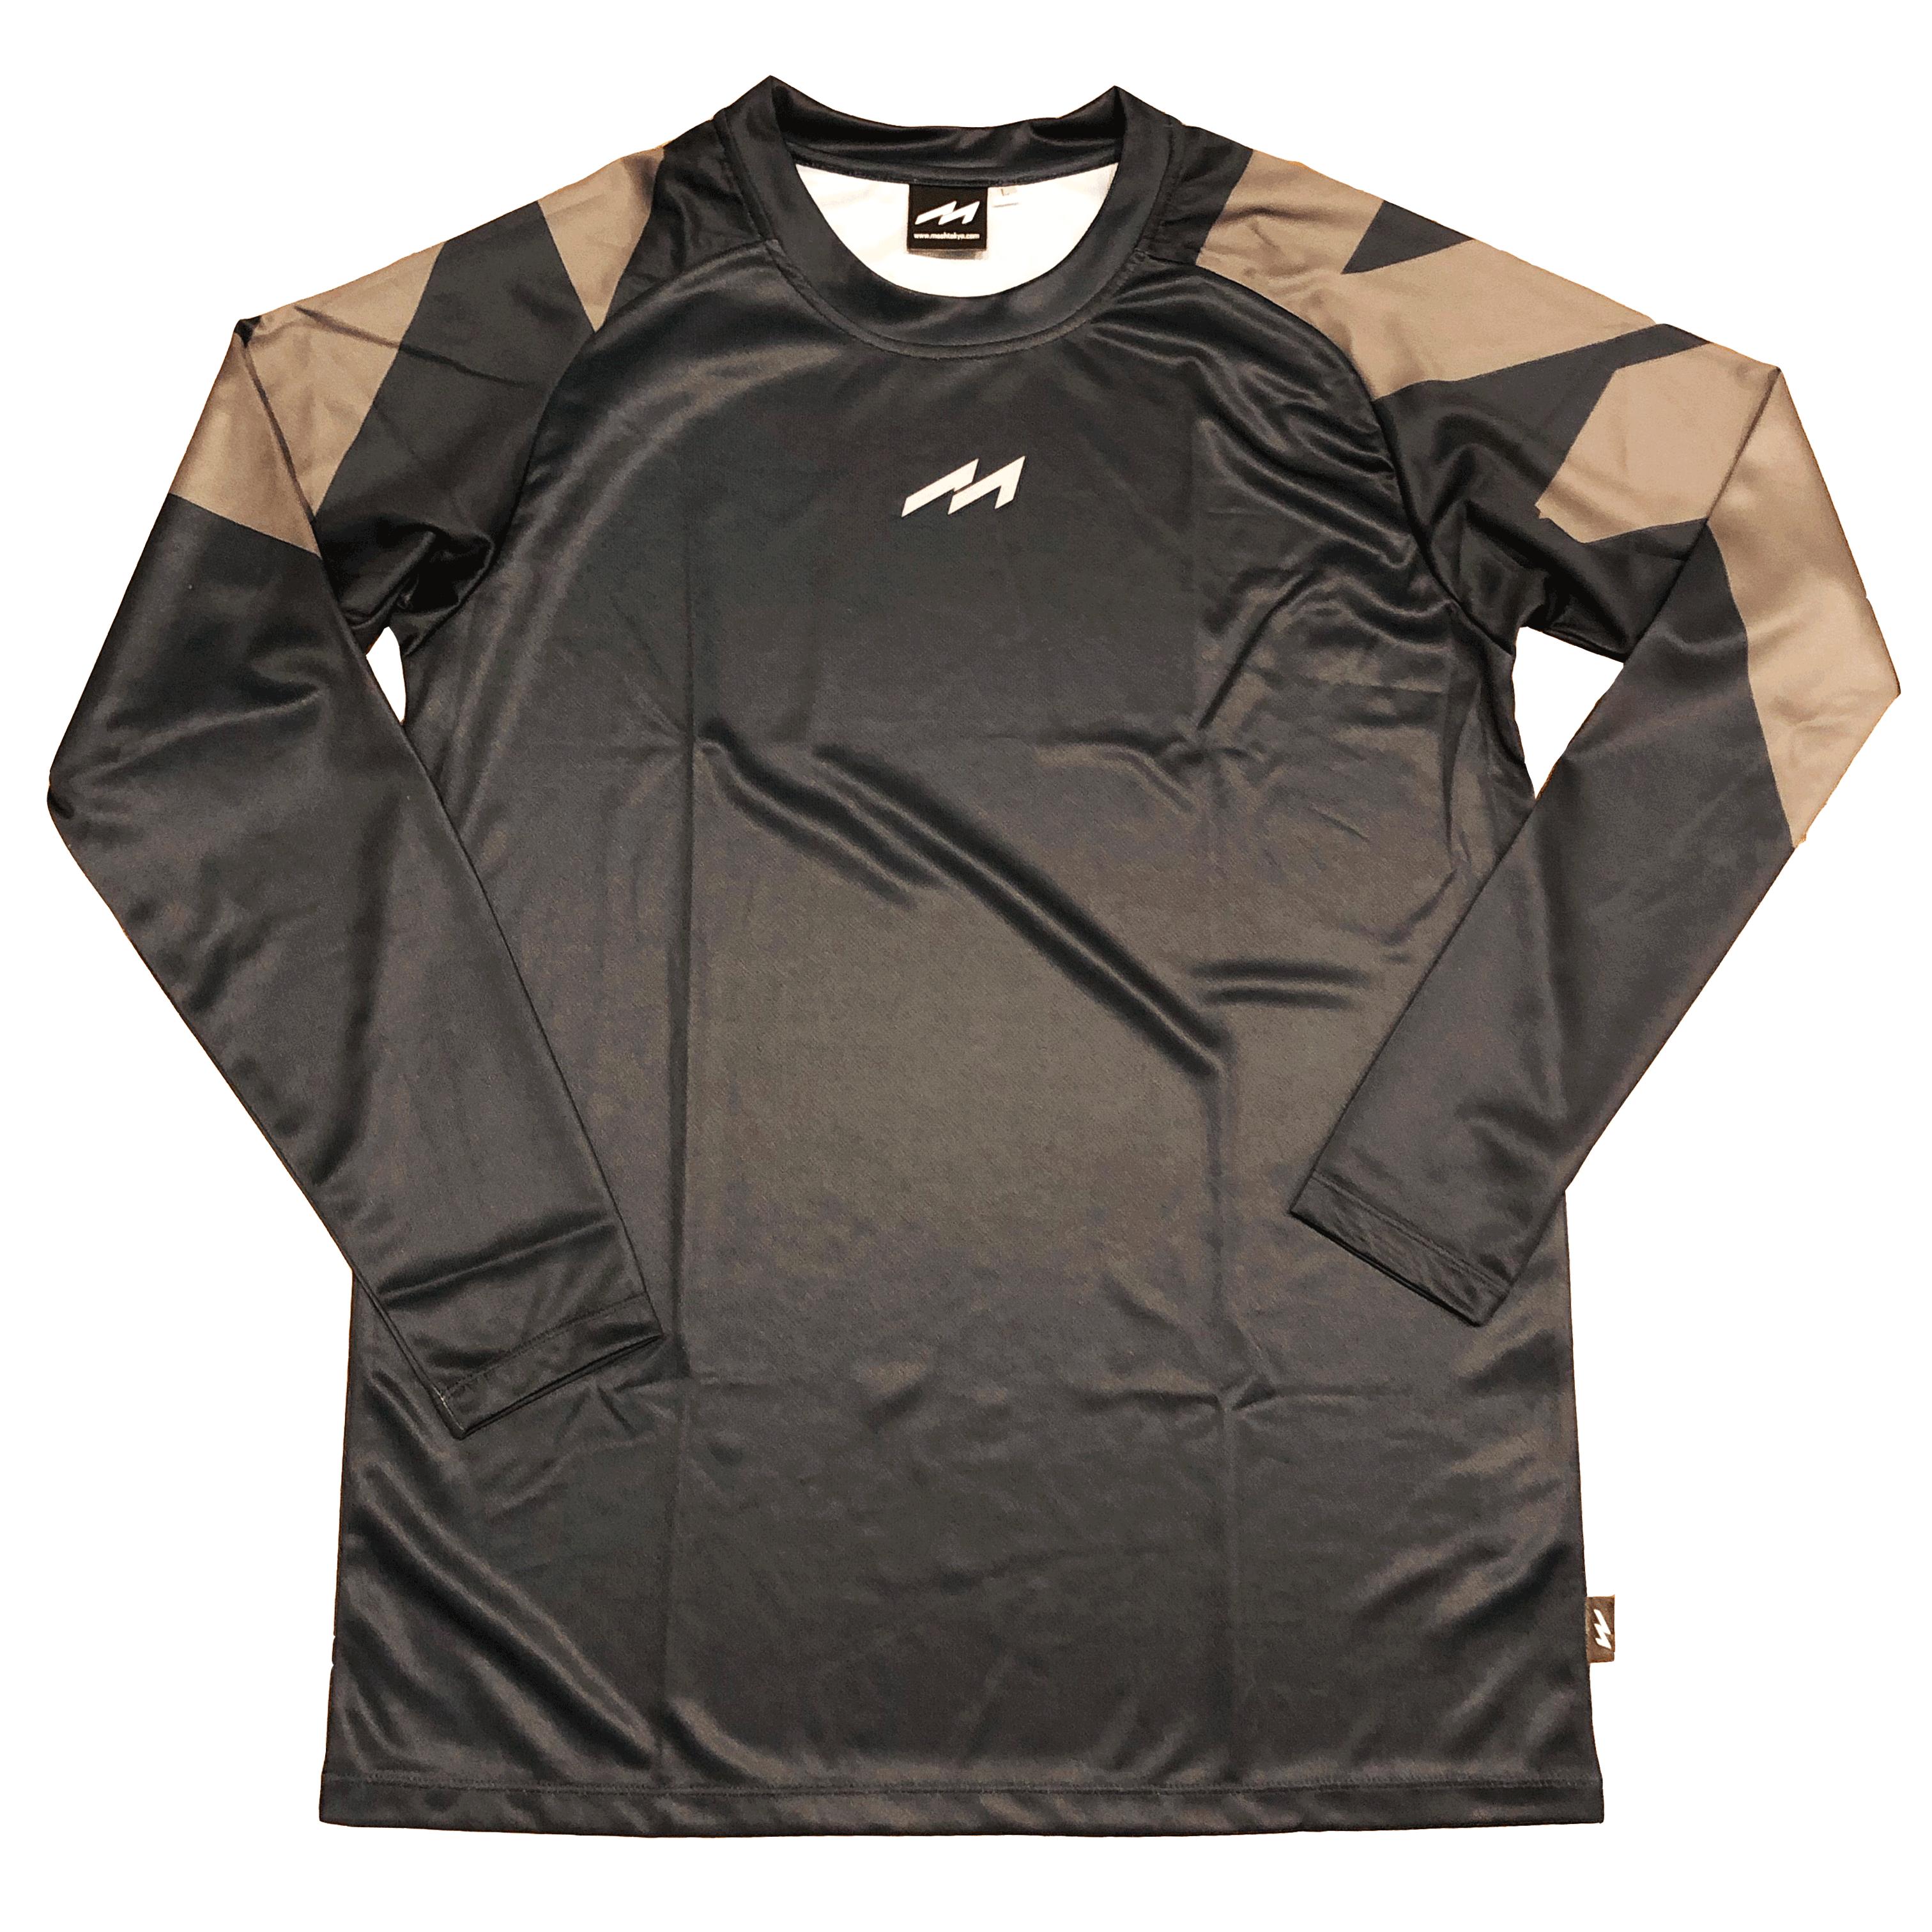 Big M Logo L/S Shirts (MHLS-2012 NVY)